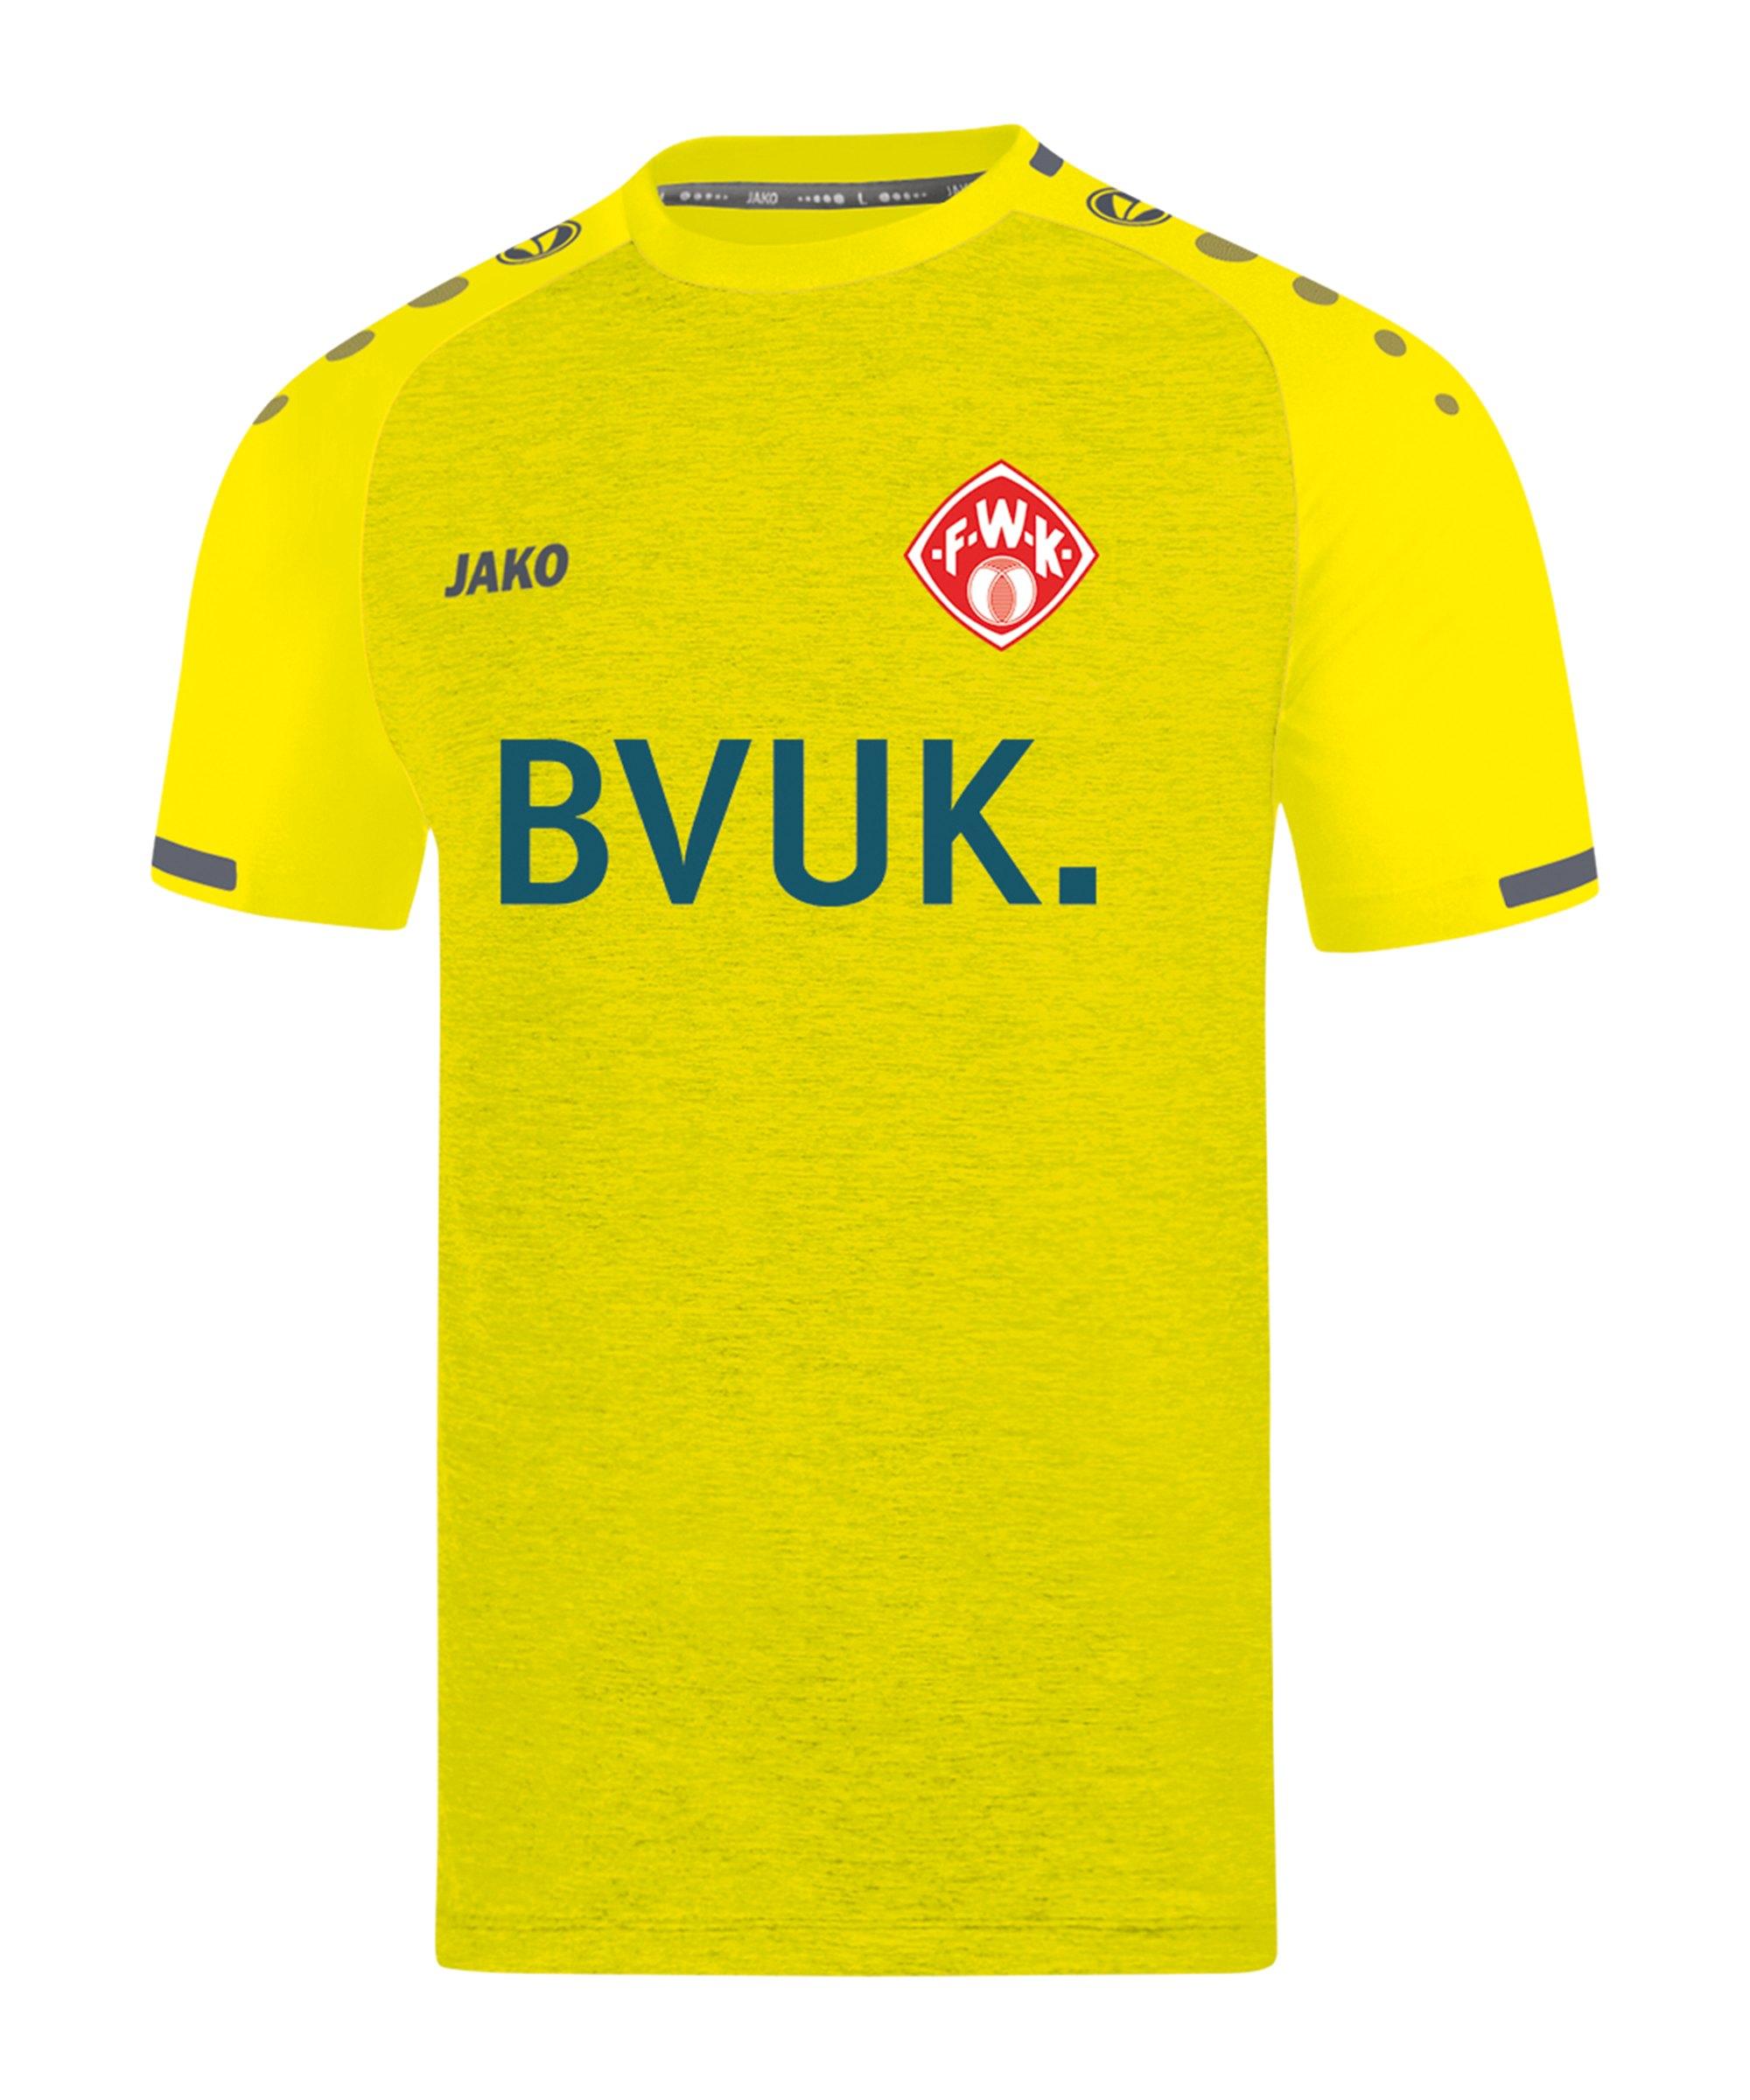 JAKO Würzburger Kickers Trikot 3rd 2020/2021 Gelb F33 - gelb